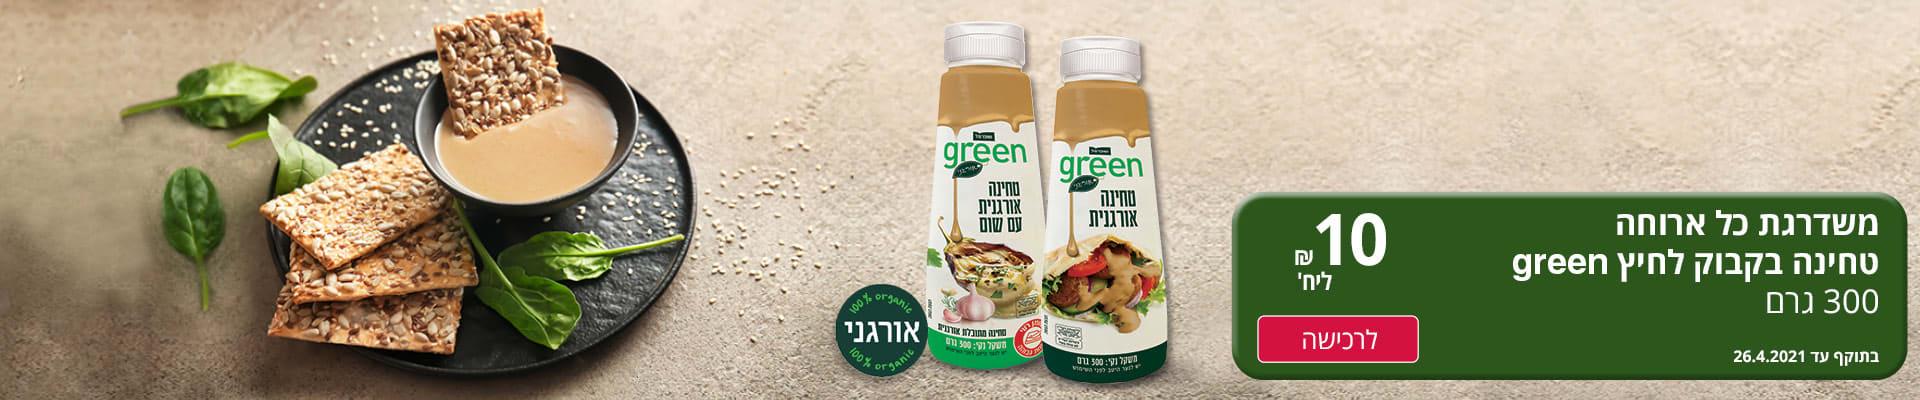 משדרגת כל ארוחה טחינה בבקבוק לחיץ GREEN 300 גרם 10 ₪ לרכישה בתוקף עד 26.4.2021